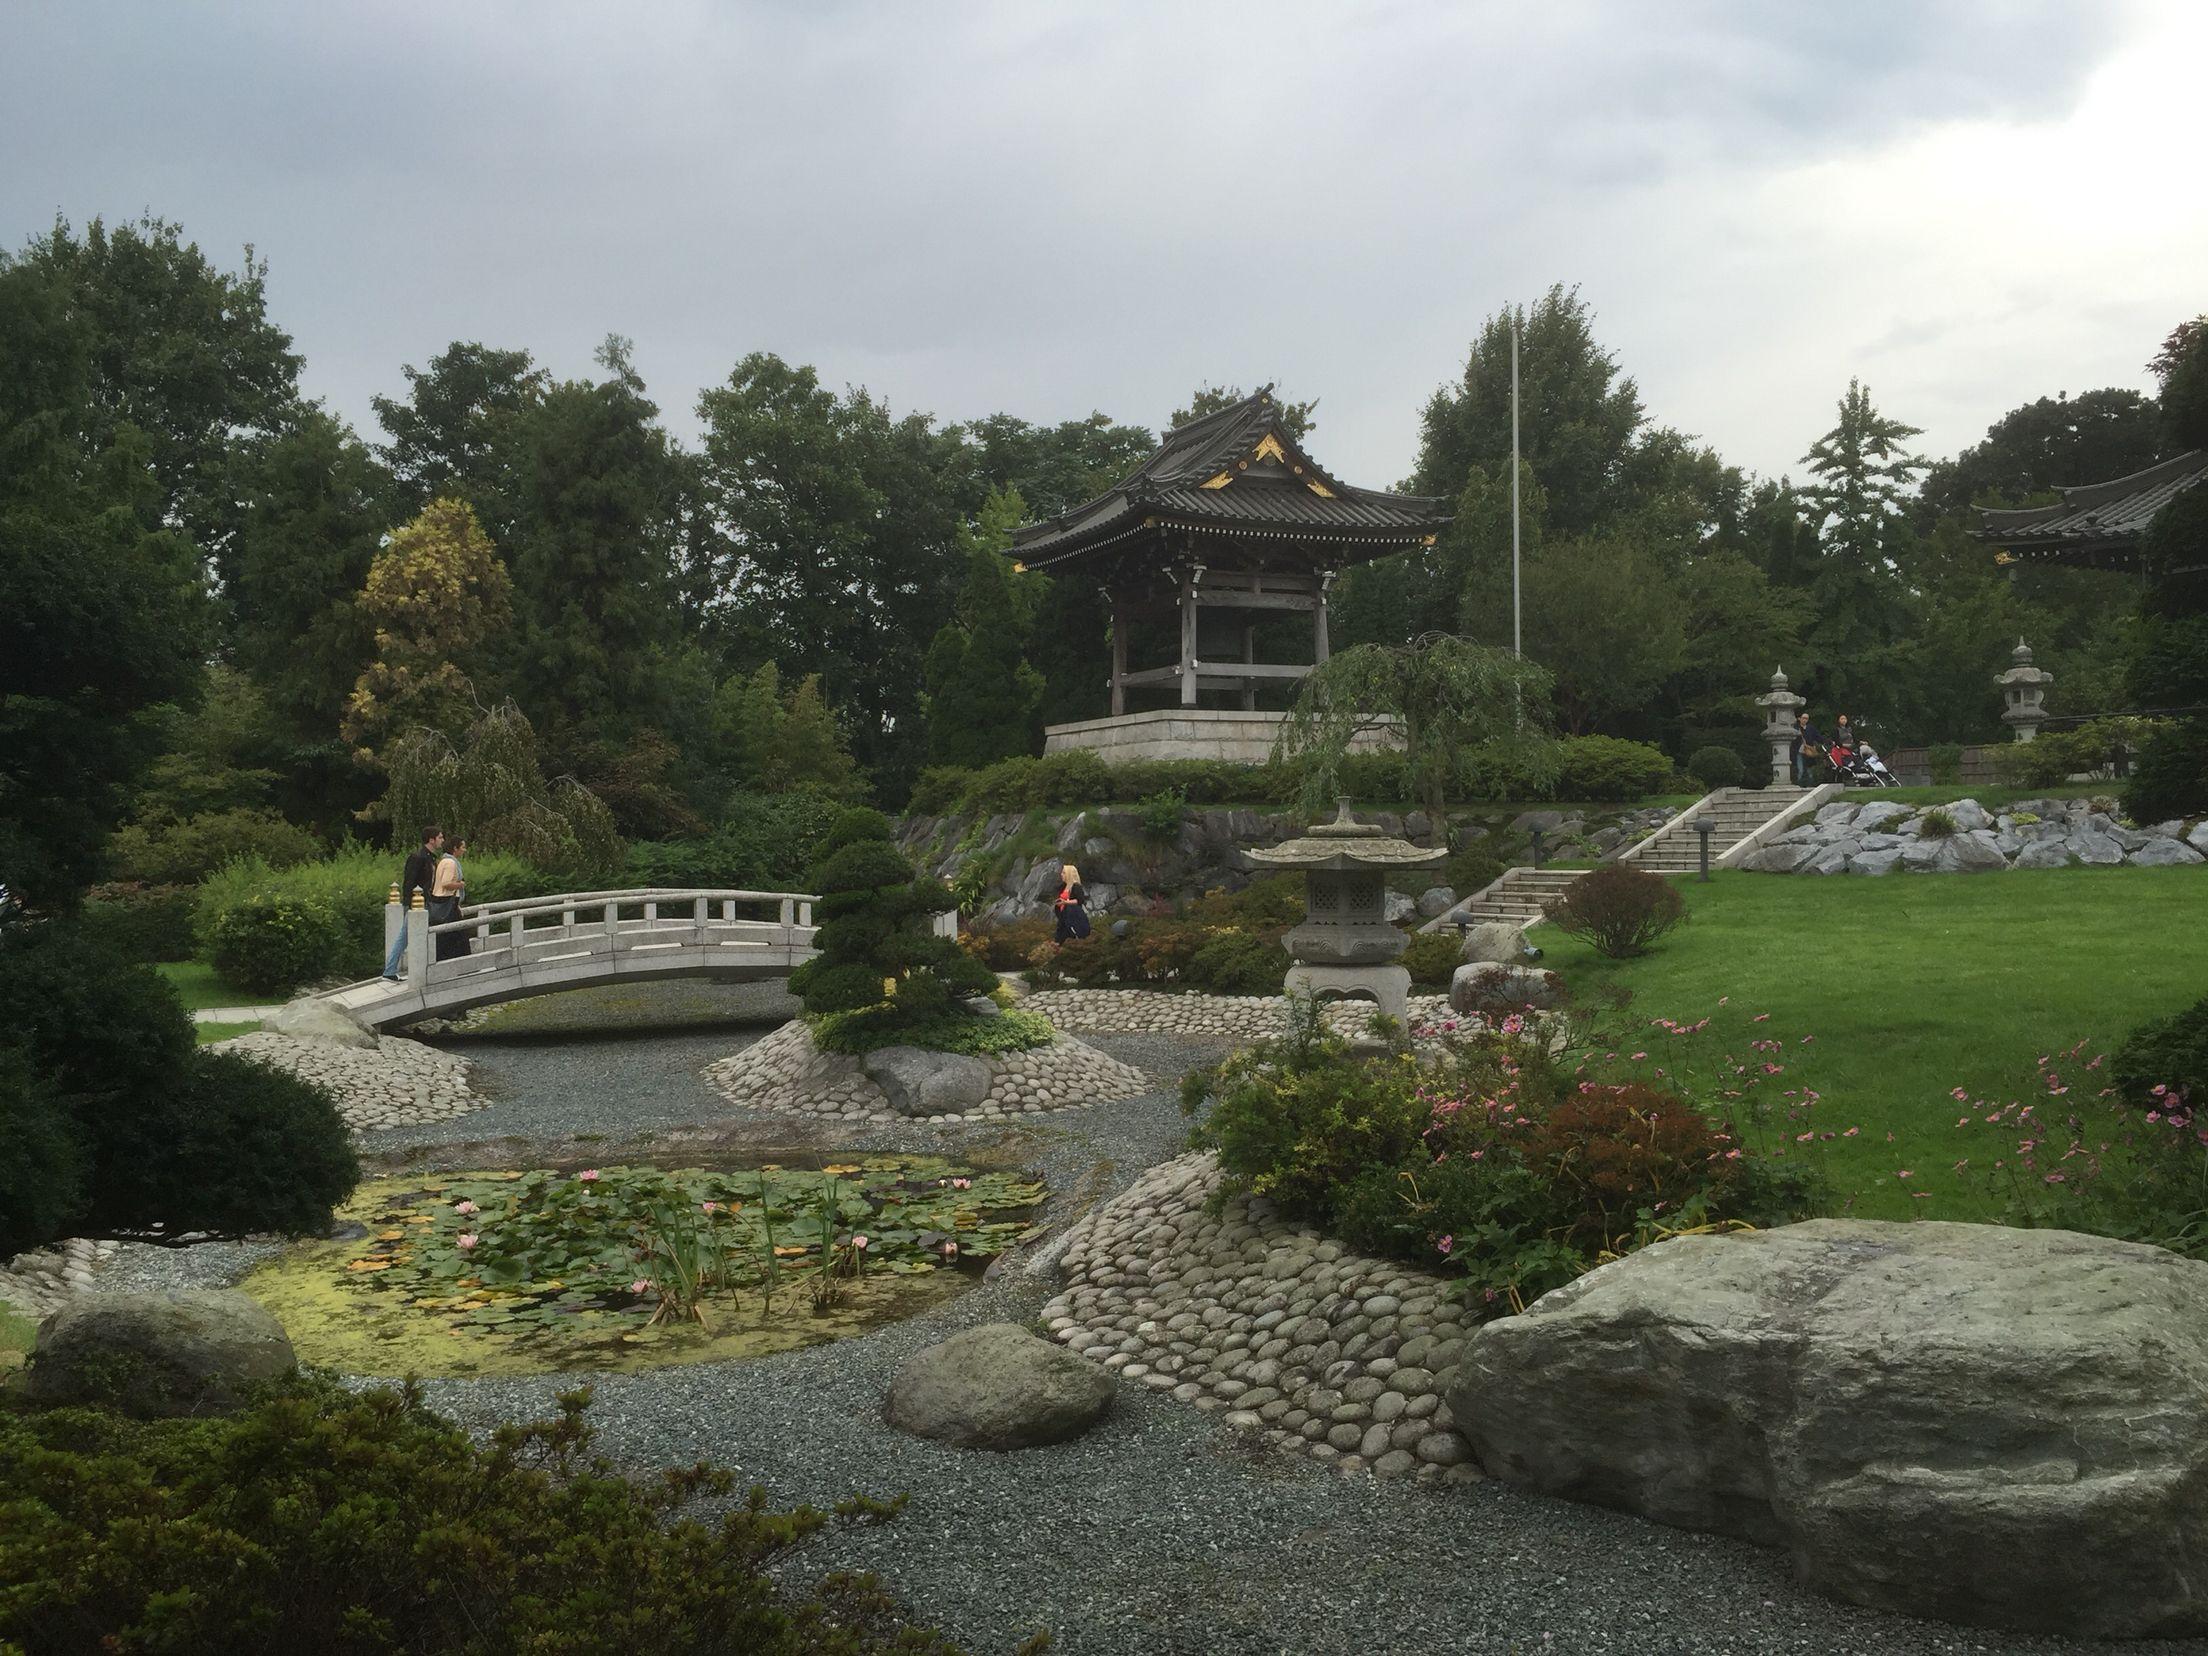 Graser Bilder Naturreservat Zoo Botanischer Garten Dusseldorf Garten Botanischer Garten Naturgarten